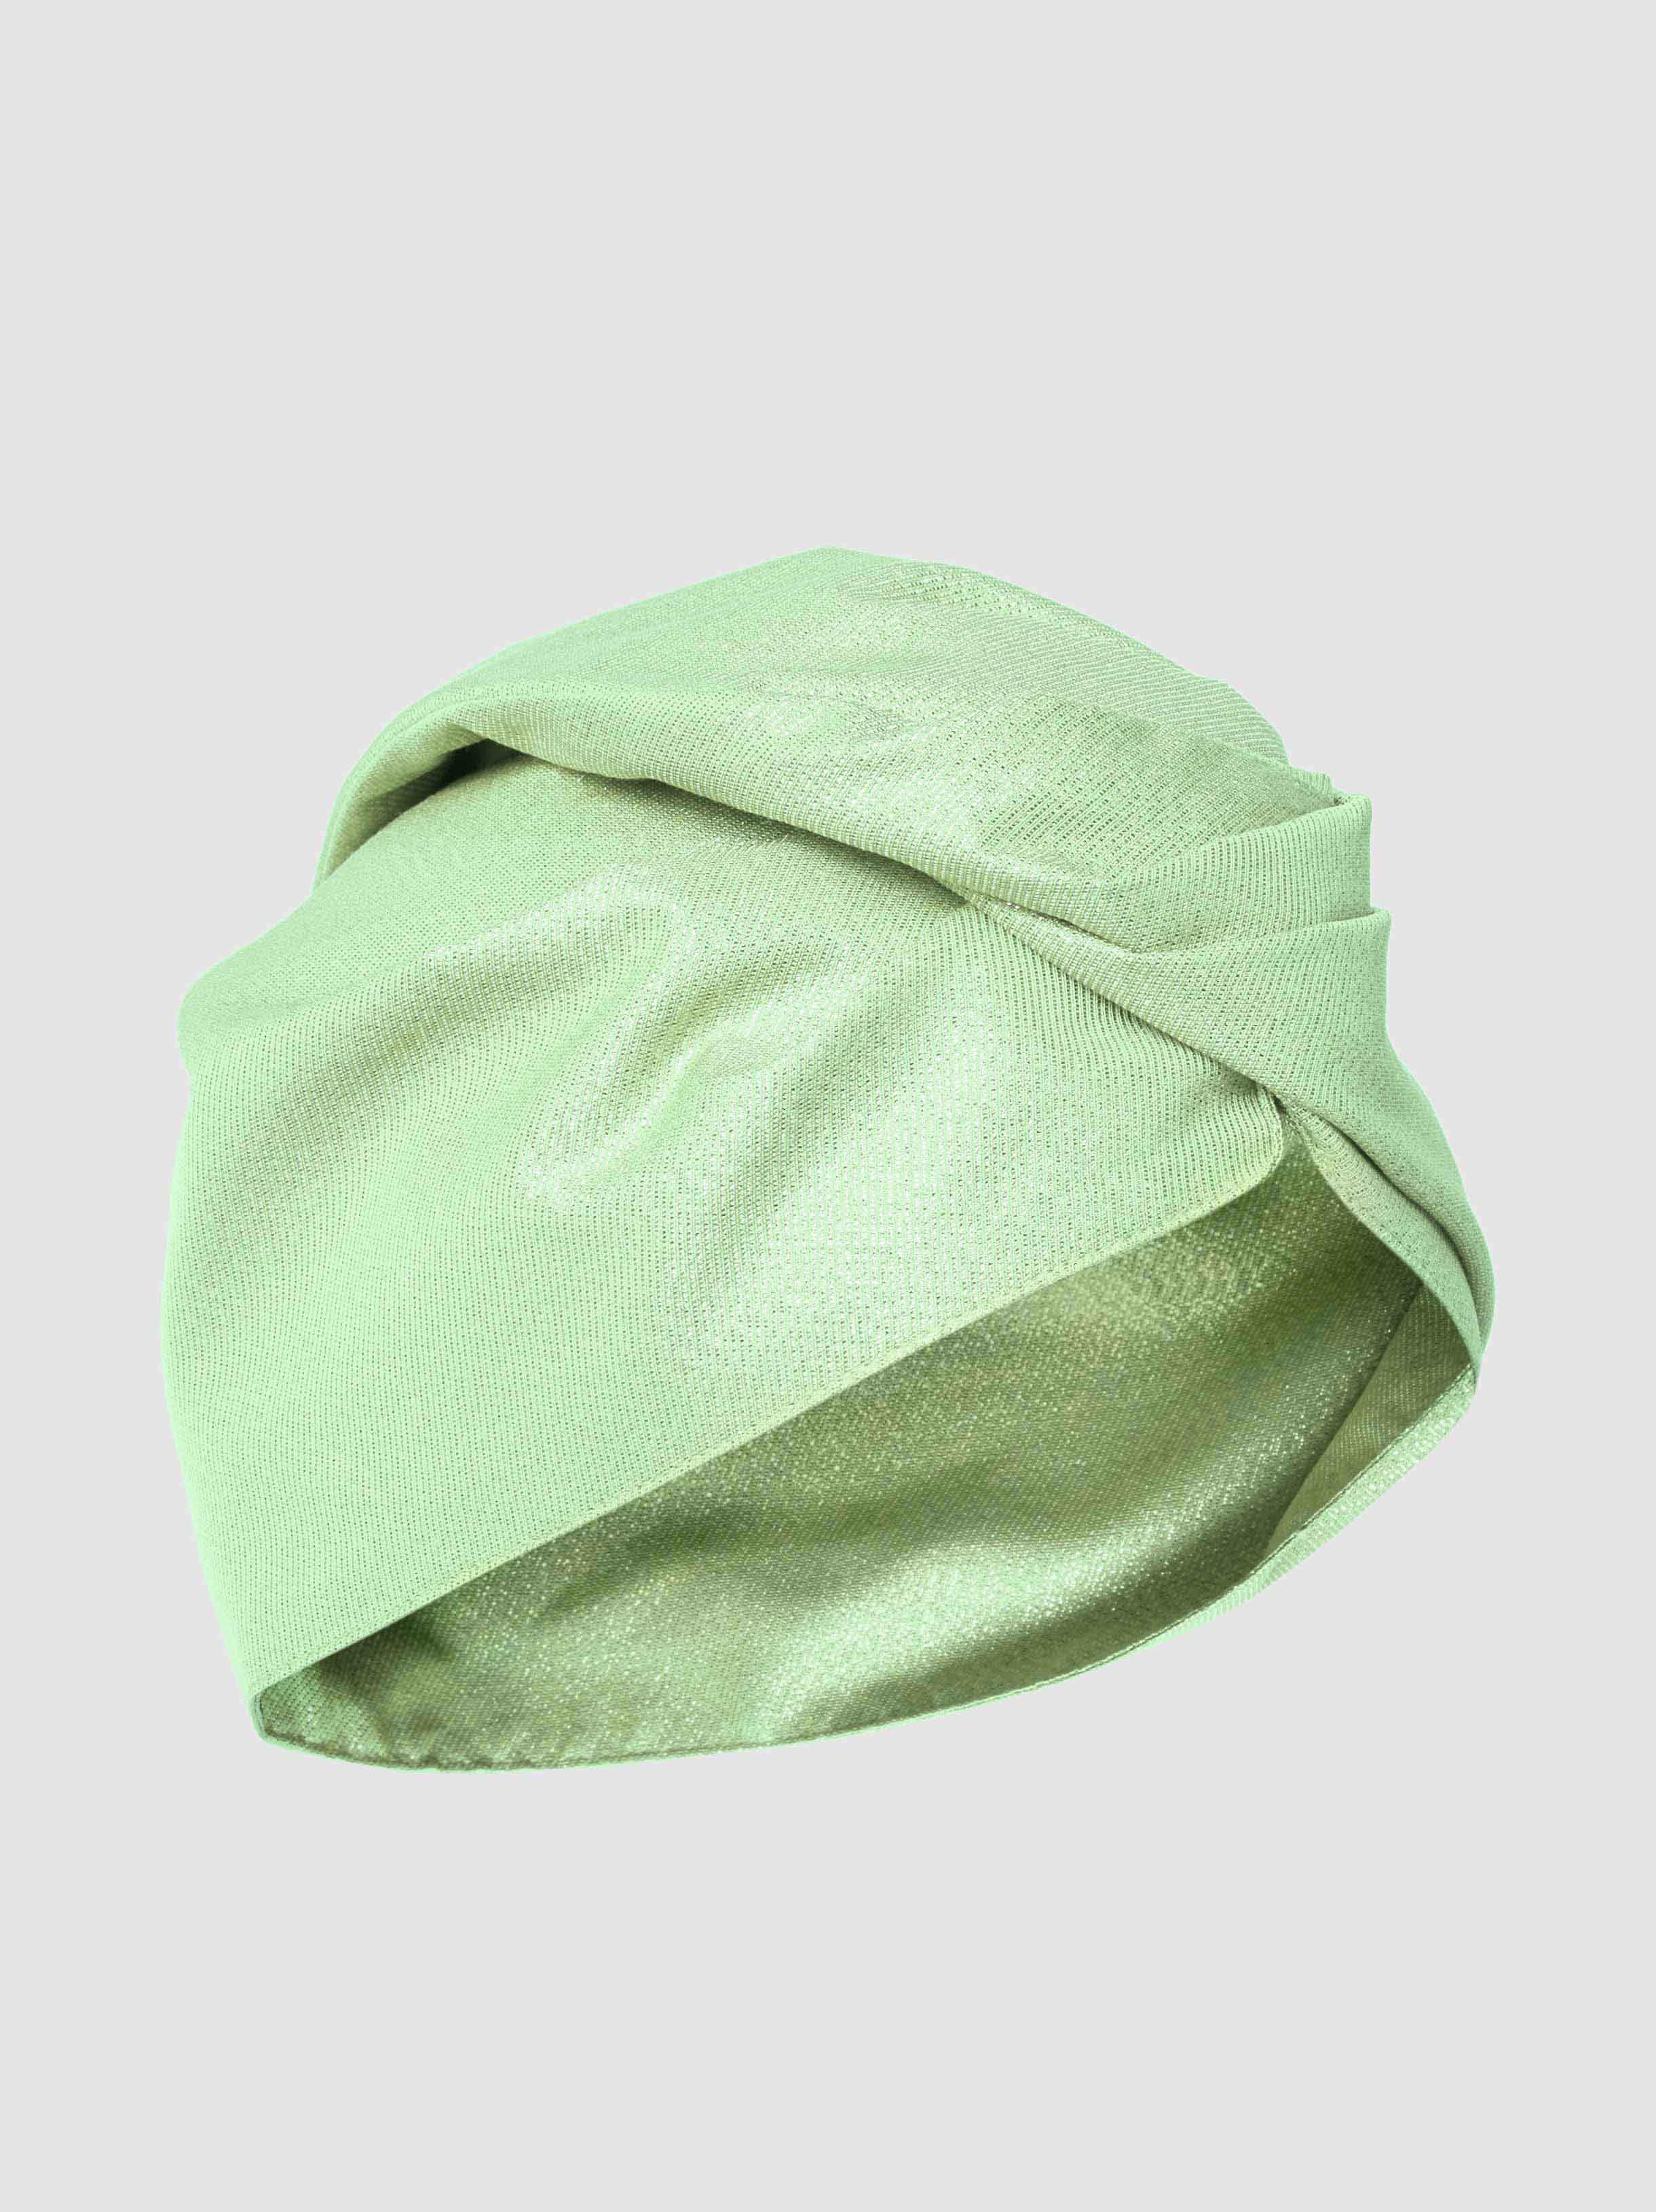 Green Metallic Turban Taller Marmo VojEbxSMOI